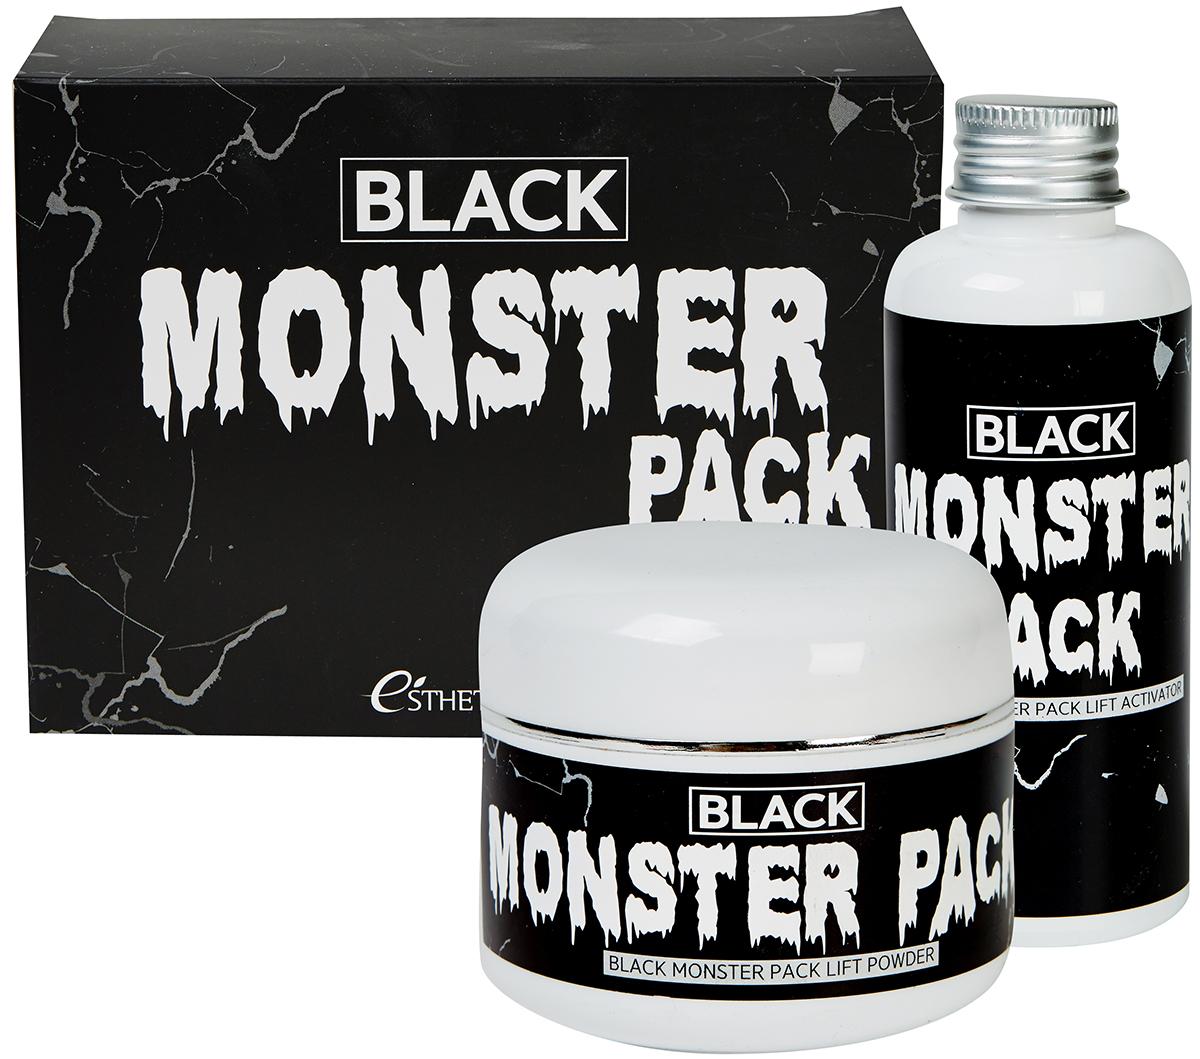 Esthetic House Набор для приготовления очищающей маски Black Monster Pack950306Маска BLACK MONSTER PACK предназначена для глубокого очищения кожи лица. Сужает поры, контролирует работу сальных желез, отбеливает и выравнивания тон кожи, а также обладает лифтинг-эффектом. ПОРОШОК: на основе древесного угля и дубовой золы способствует очищению кожи, нормализует работу сальных желез, альбумин в составе способствует сужение пор. АКТИВАТОР: океаническая вода и гиалуроновая кислота способствуют глубокому увлажнению кожи, делают ее более эластичной, комплекс из 24 природных экстрактов укрепляет защитный барьер кожи. Аденозина и ниацинамид в составе помогают подтянуть и осветлить кожу. Содержимое набора: порошок 50 г, активатор 150 мл, кисть, миска, мерная ложка.